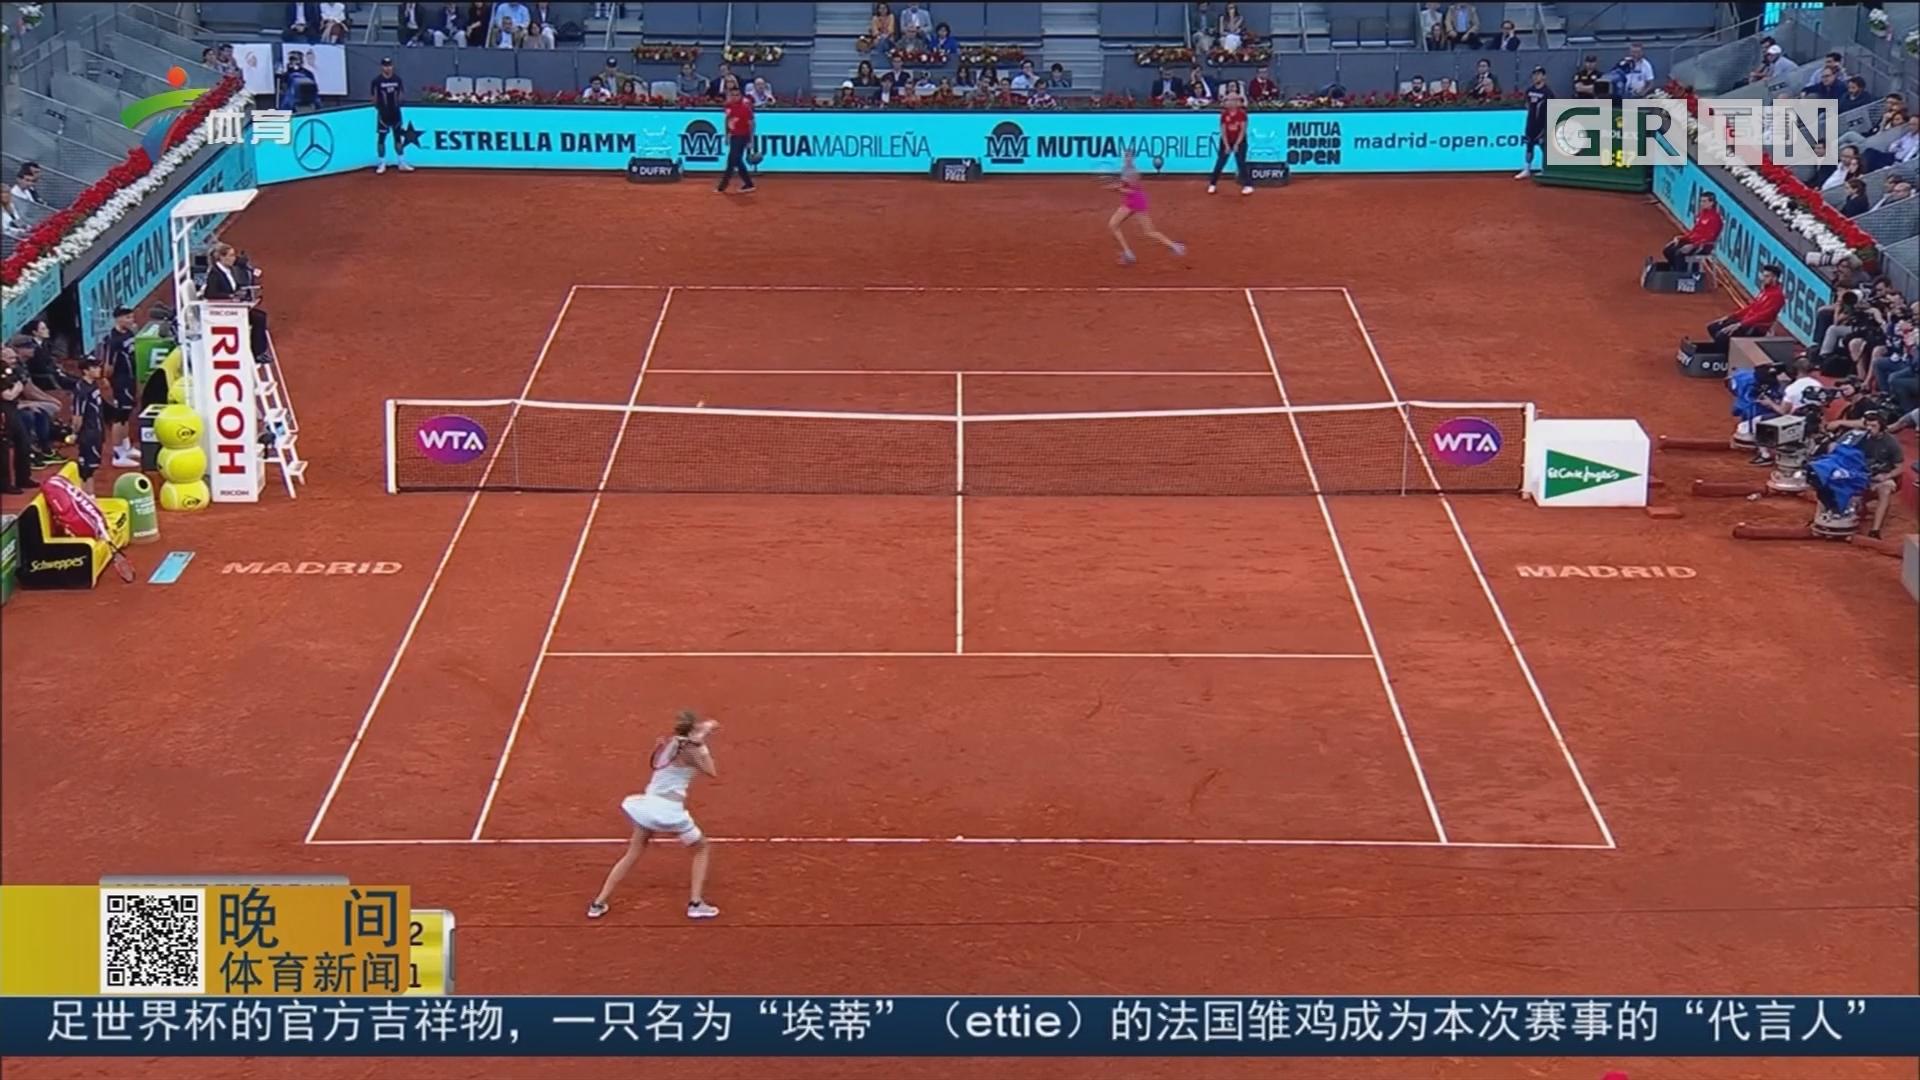 科维托娃晋级马德里公开赛决赛